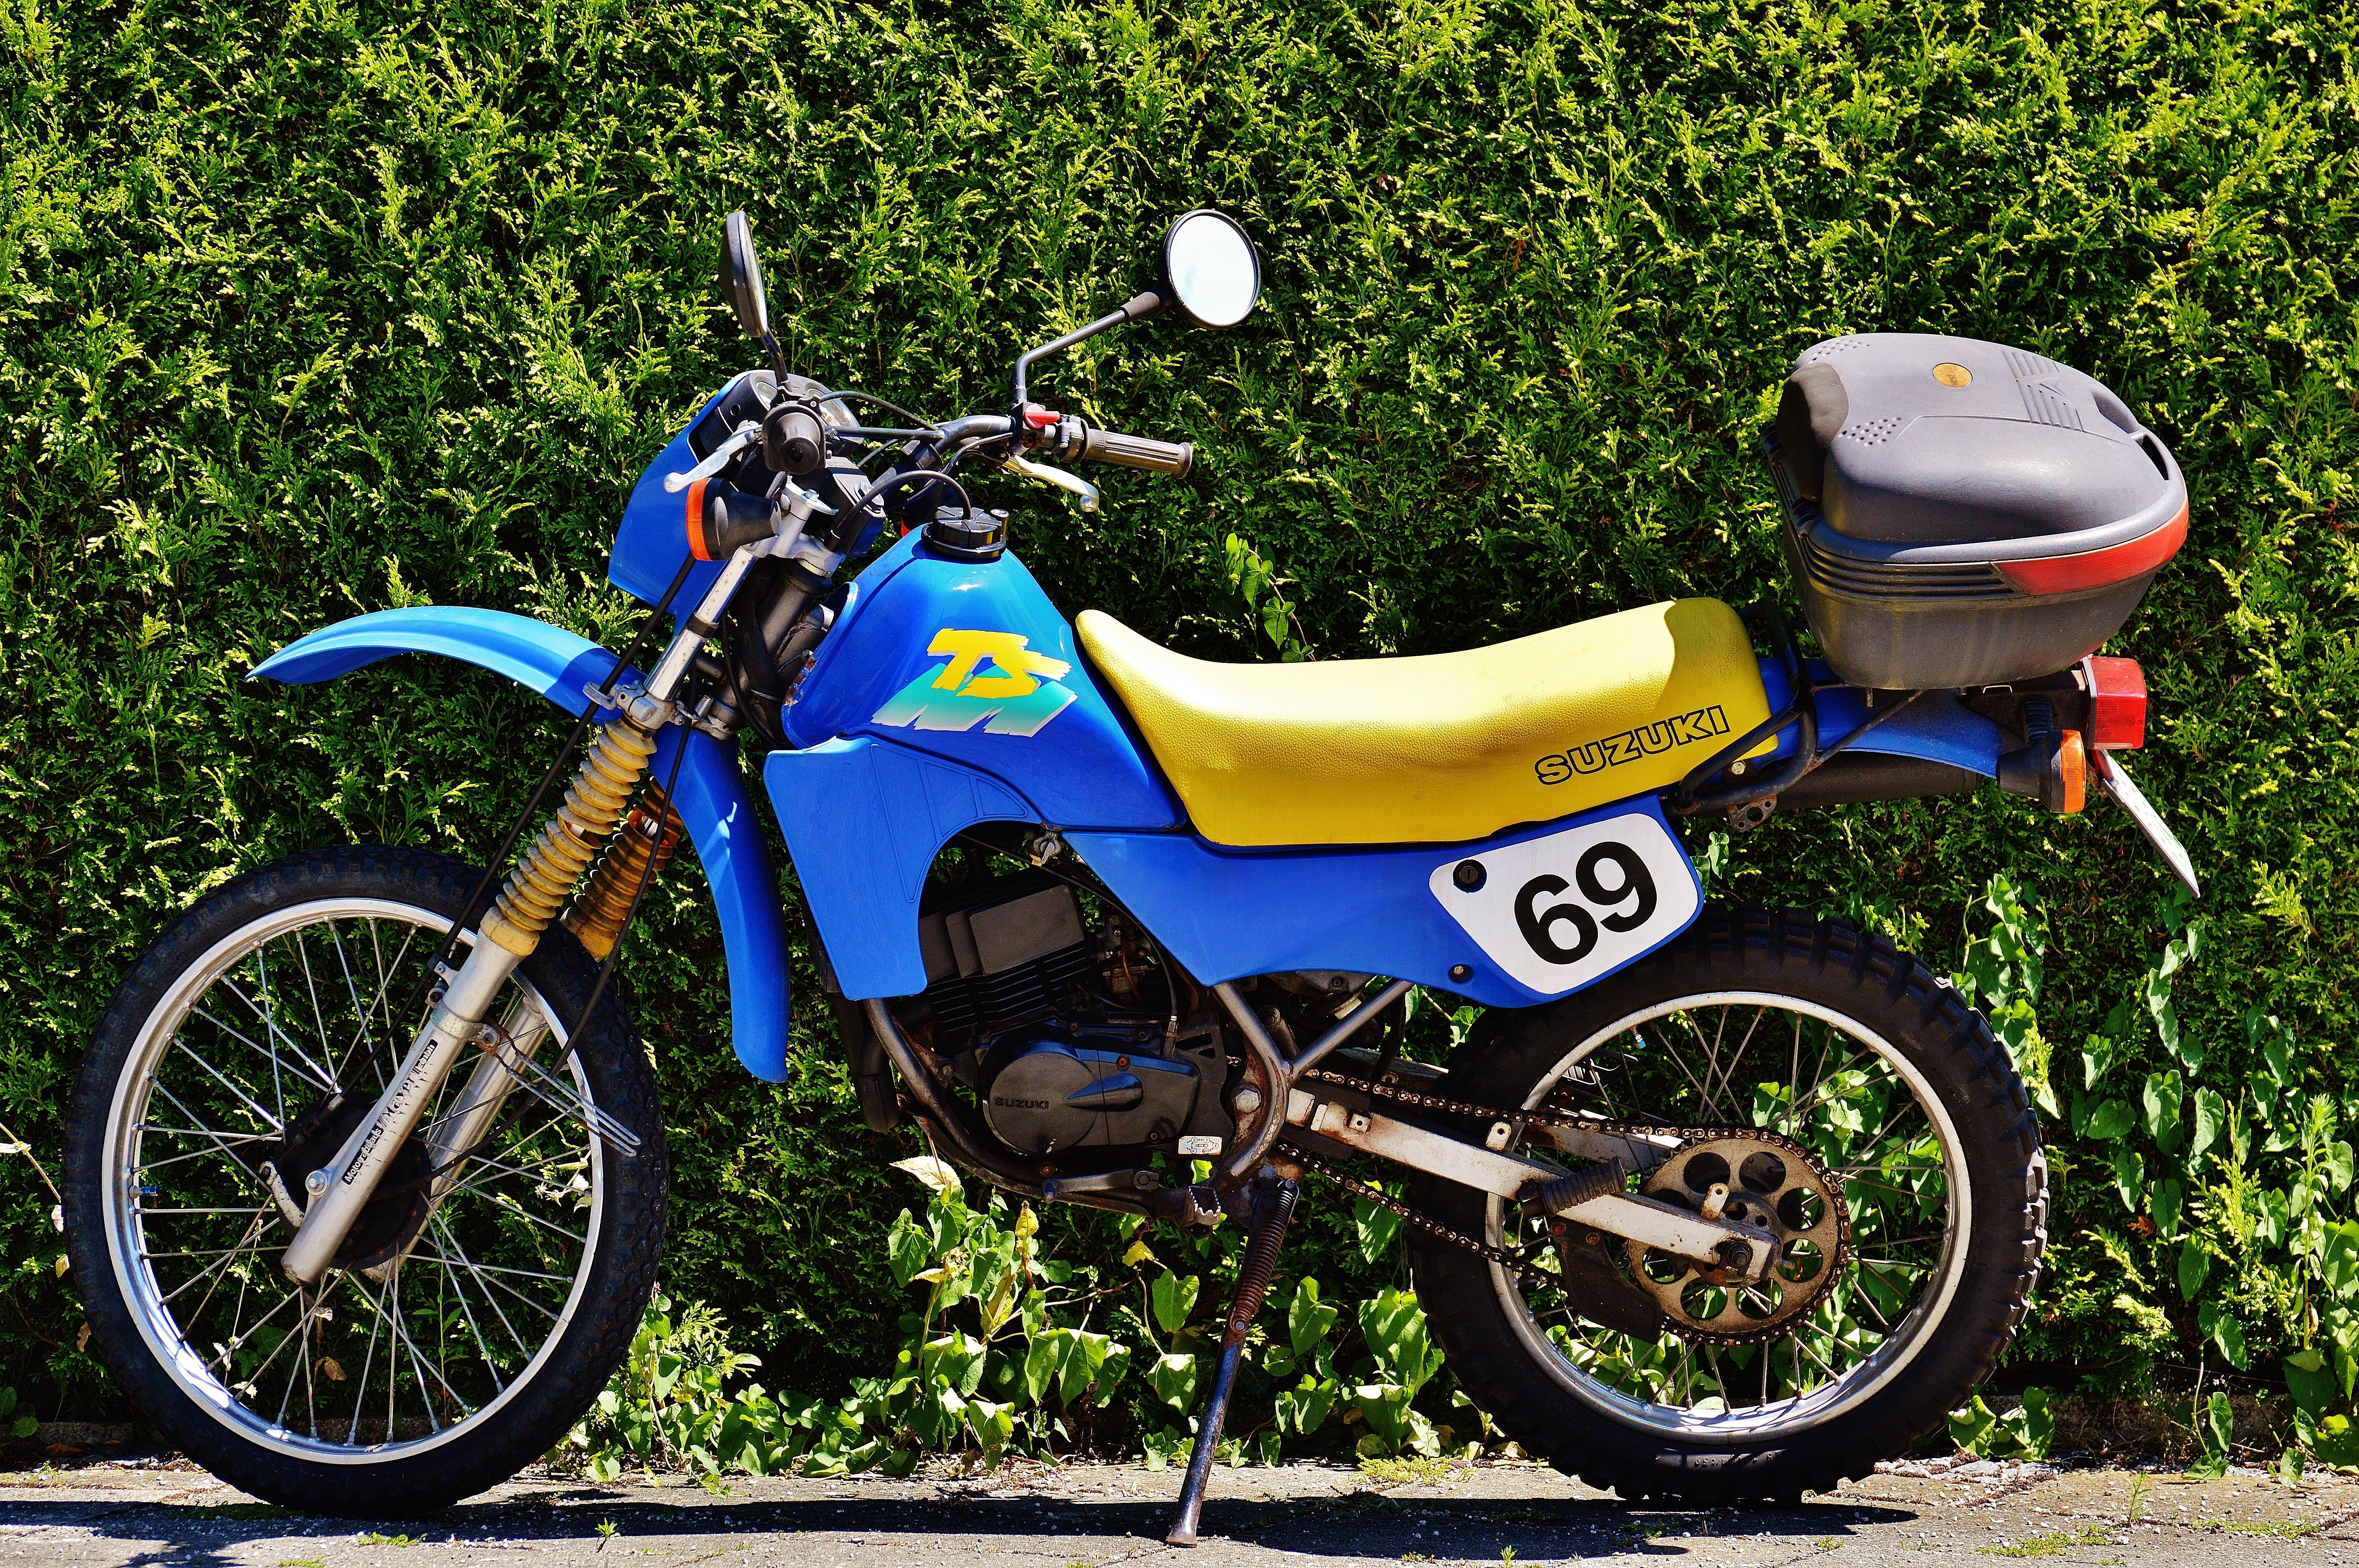 Auto Rad Fahrrad Fahrzeug Motorrad Extremsport Moped Rennen Suzuki Enduro Fahren Gelandewagen Landfahrzeug Ts50xk Automobil